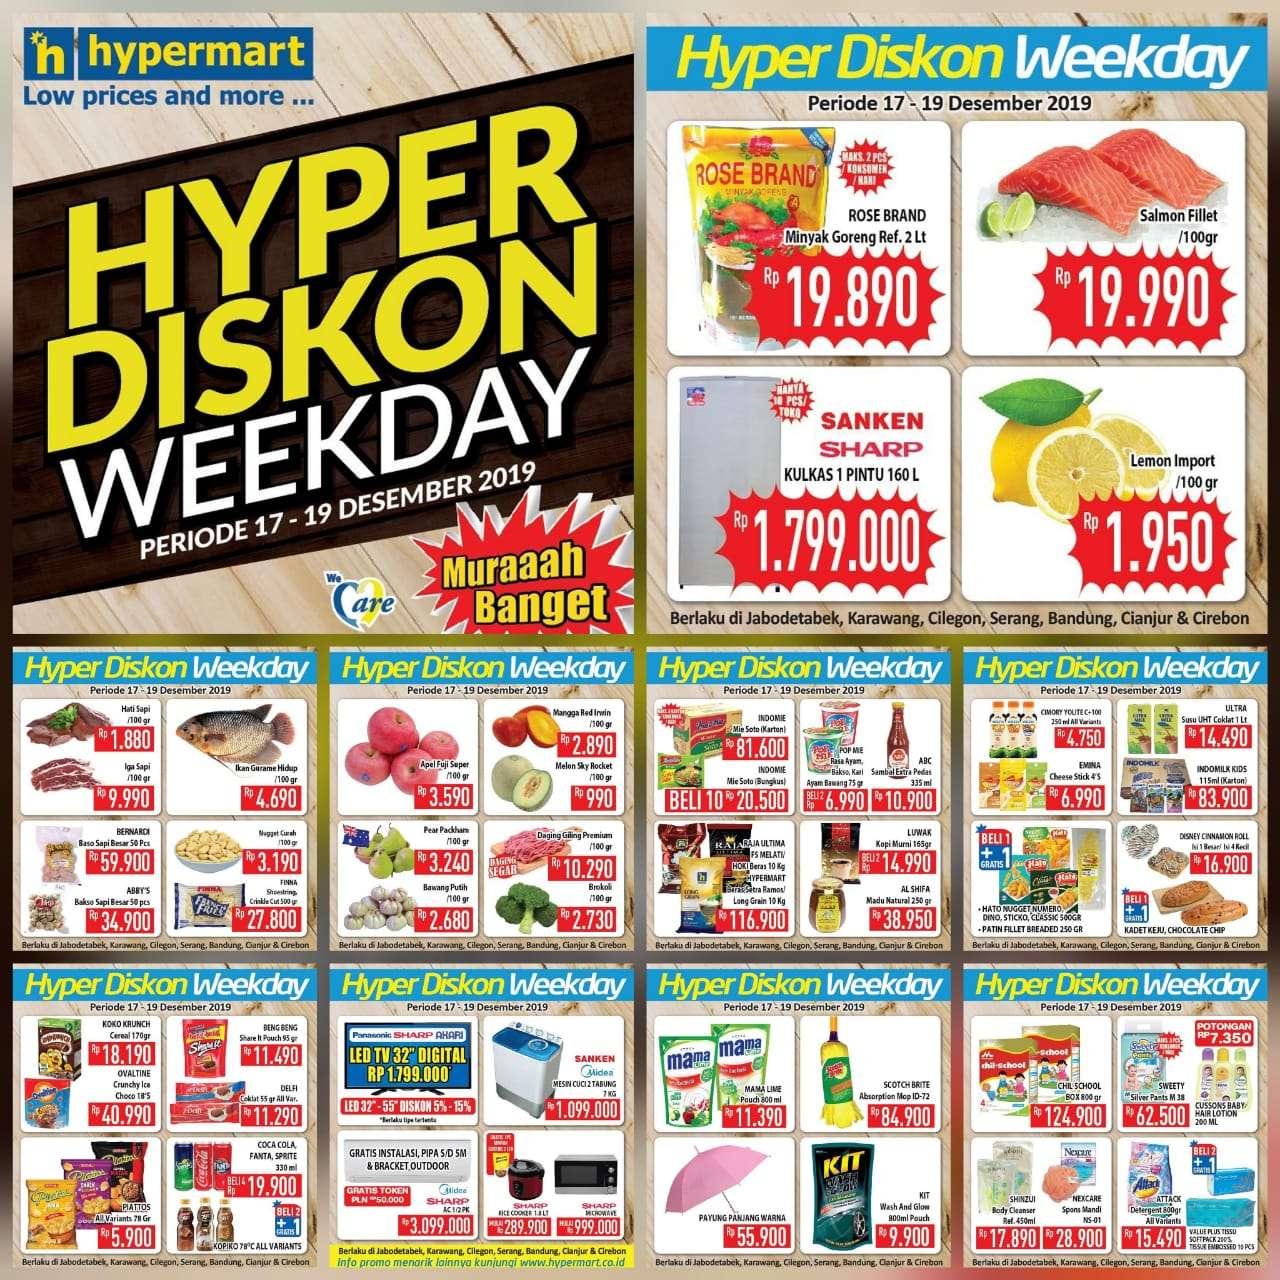 Katalog Promo Hyper Diskon Hypermart Periode 17-19 Desember 2019